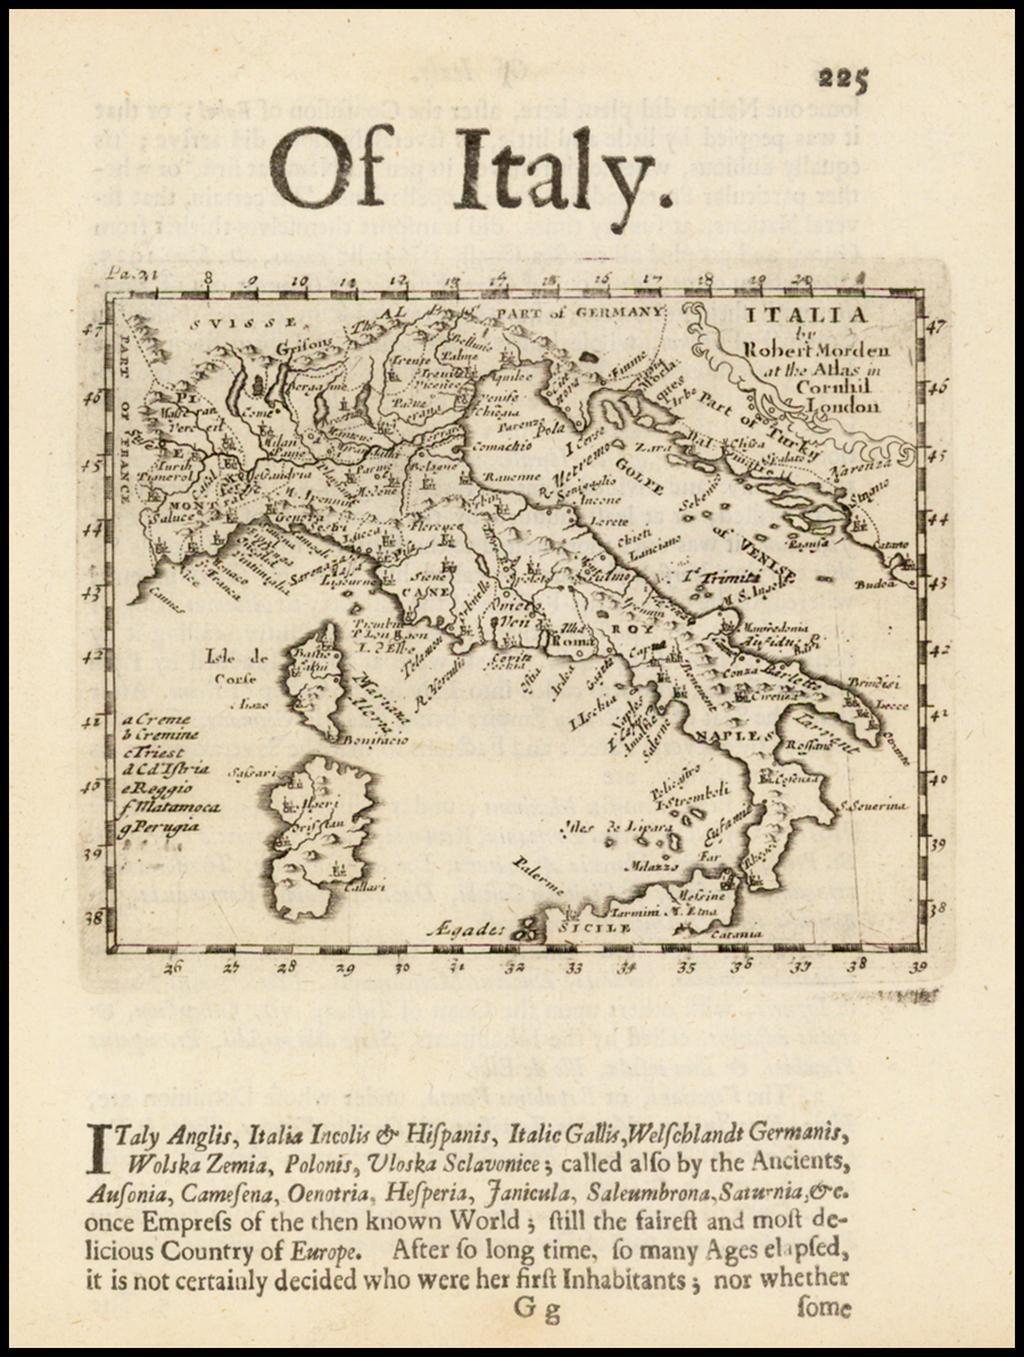 Italia By Robert Morden